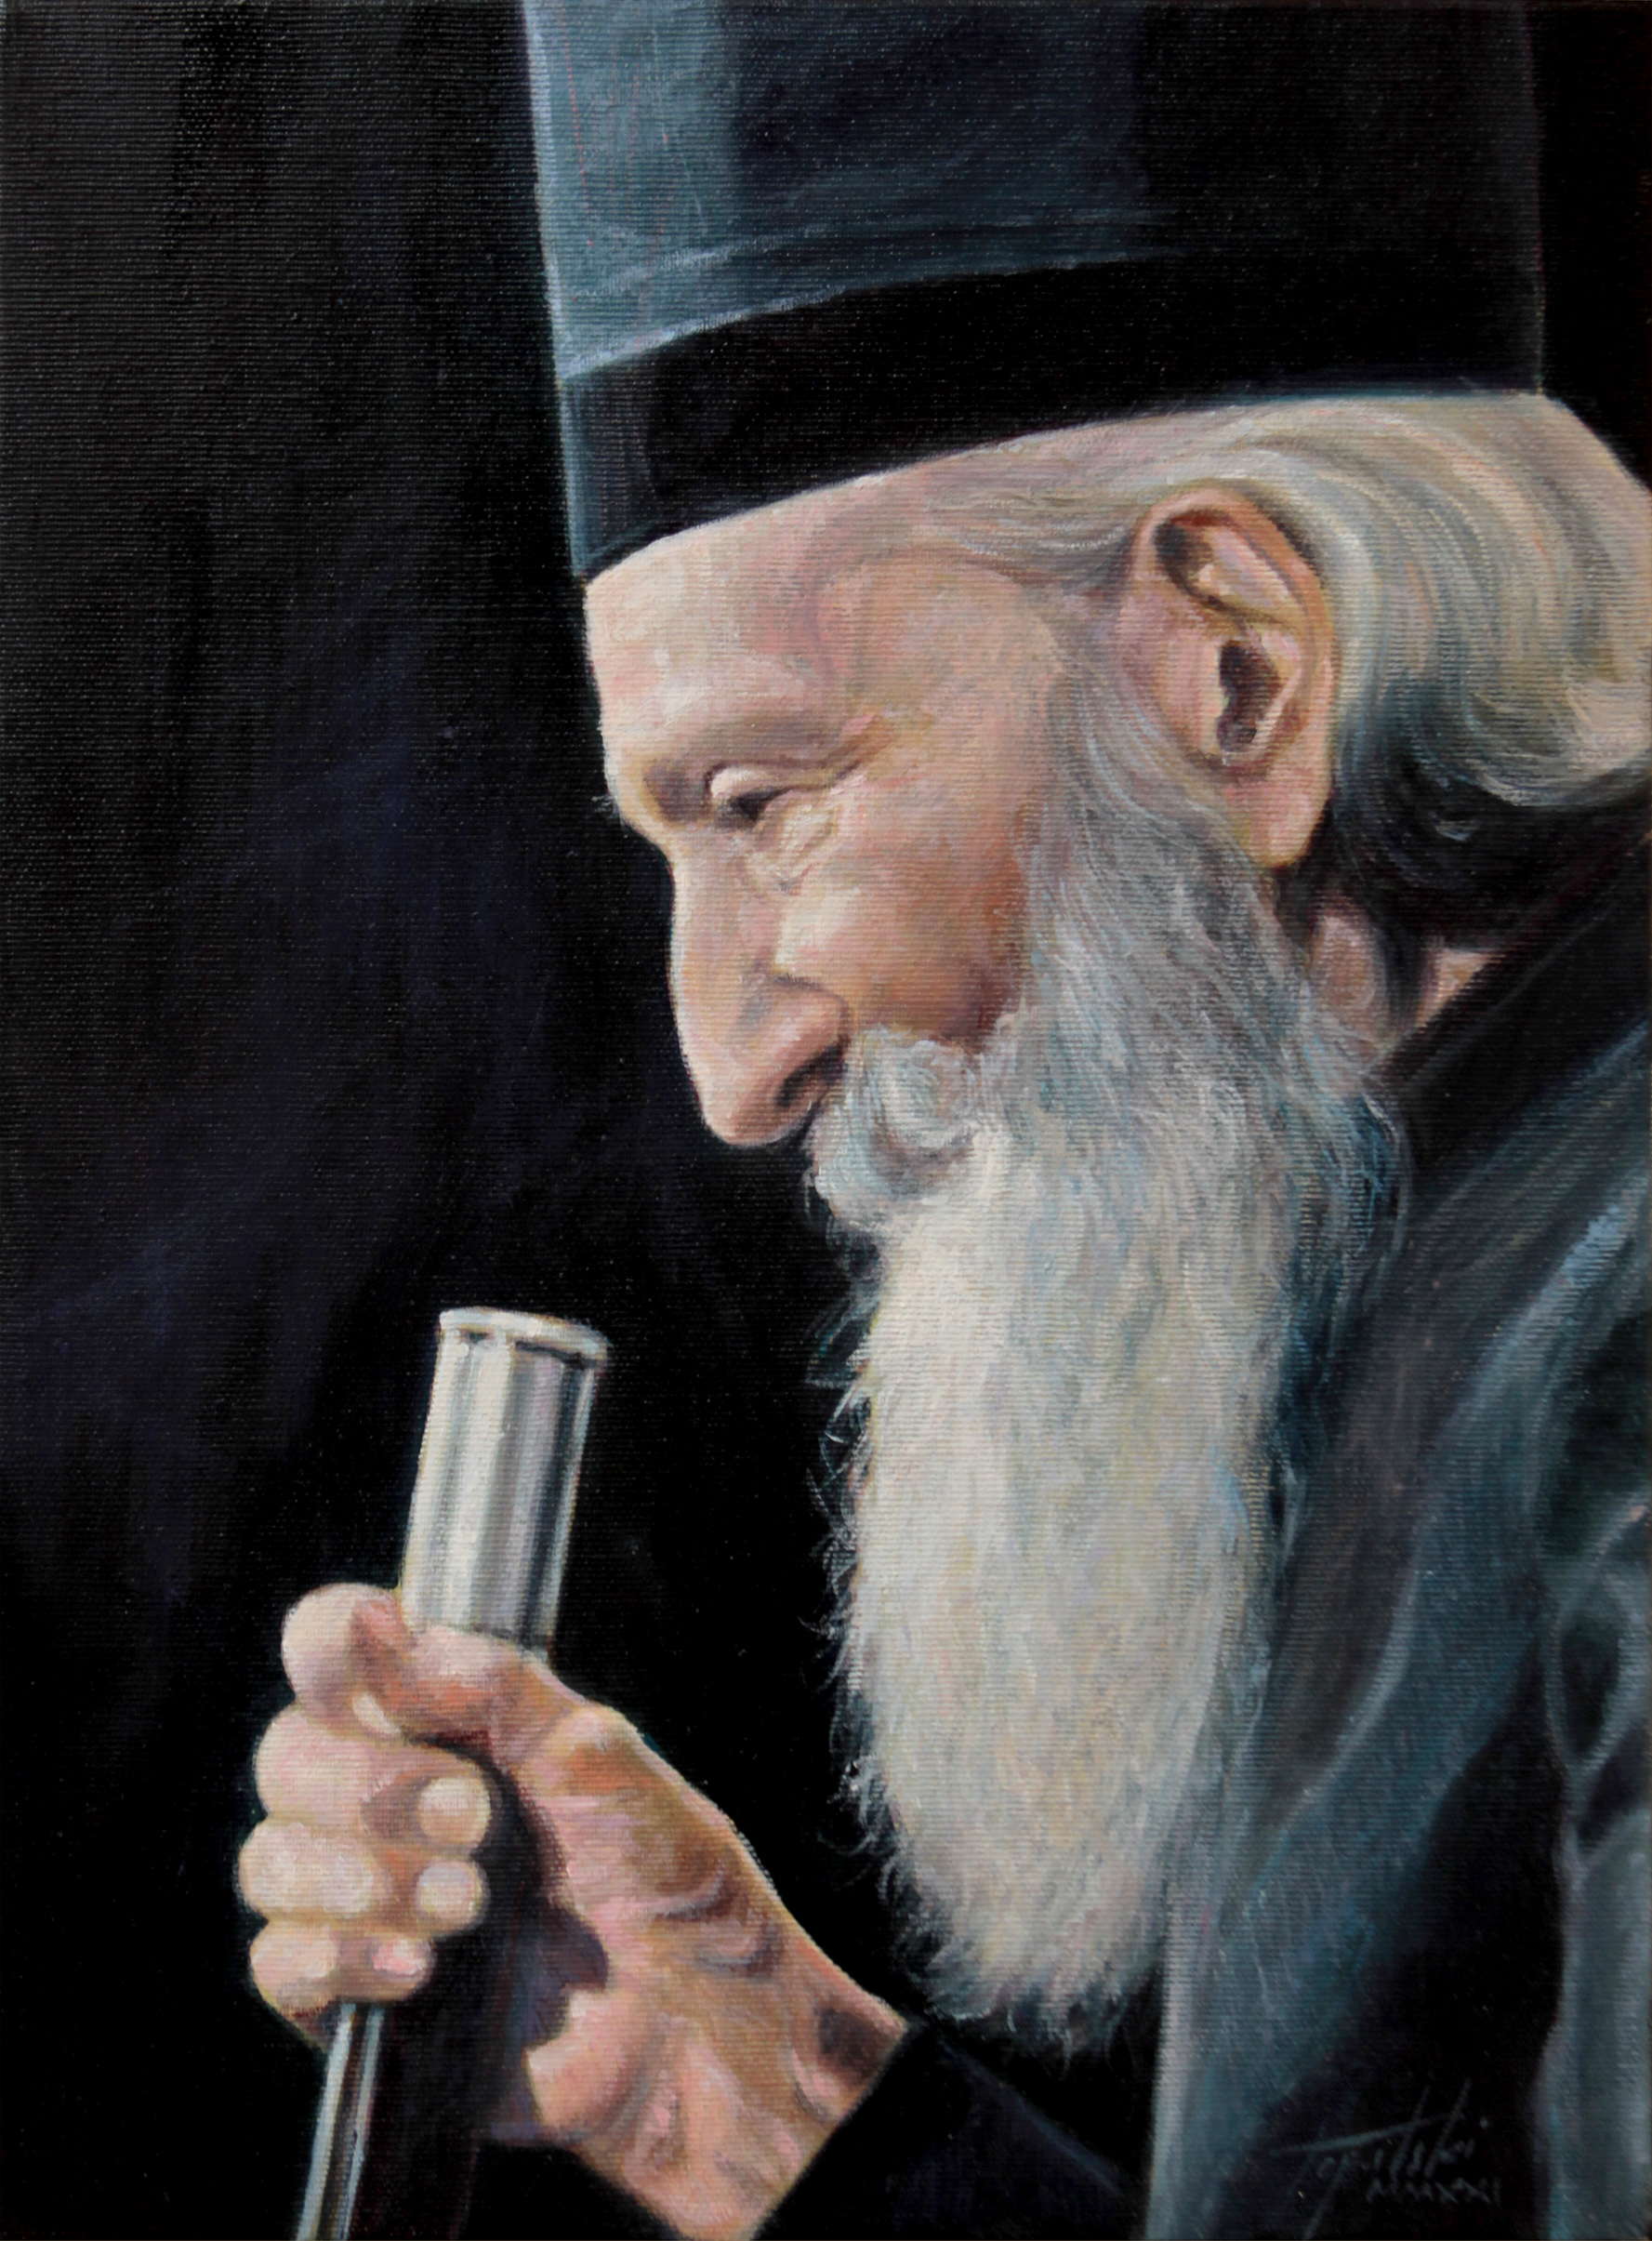 Патријарх Павле - уље на платну 40x30цм, 2021. аутор - сликар Дарко Топалски